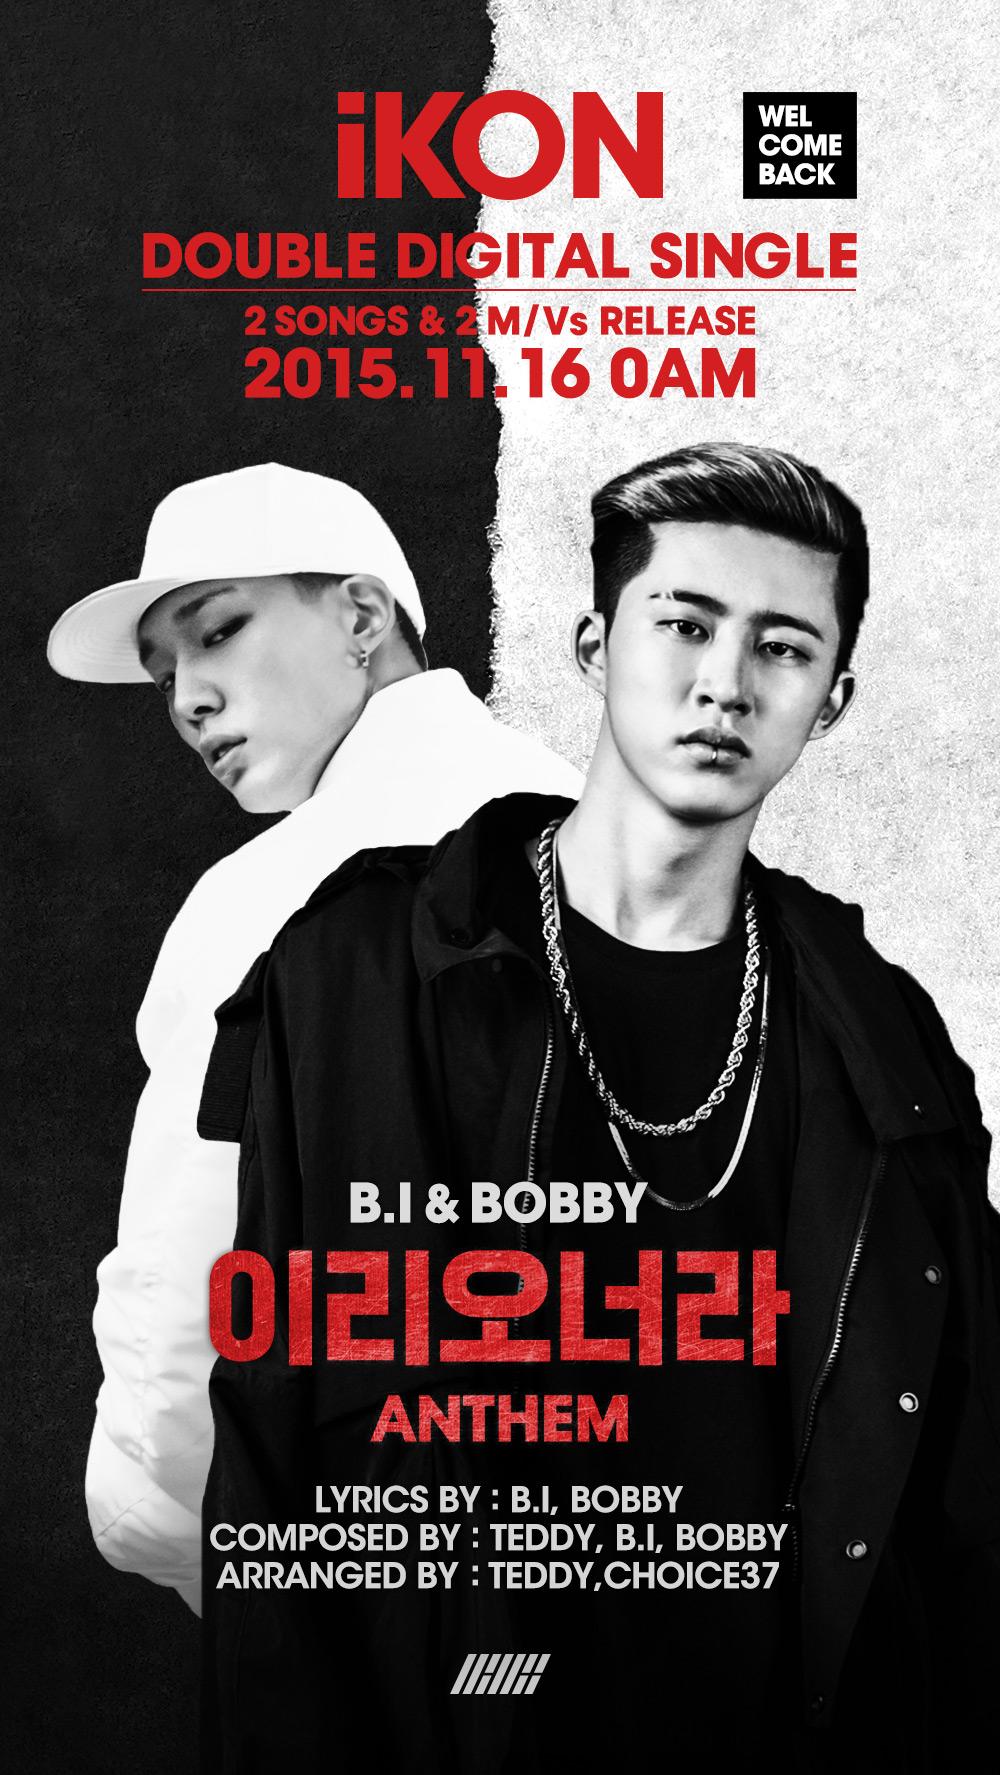 而這兩首單曲,就是由iKON的兩位靈魂rapper~隊長B.I.與饒舌冠軍Bobby推出~雖然這兩位的確人氣很高啦....但是.....